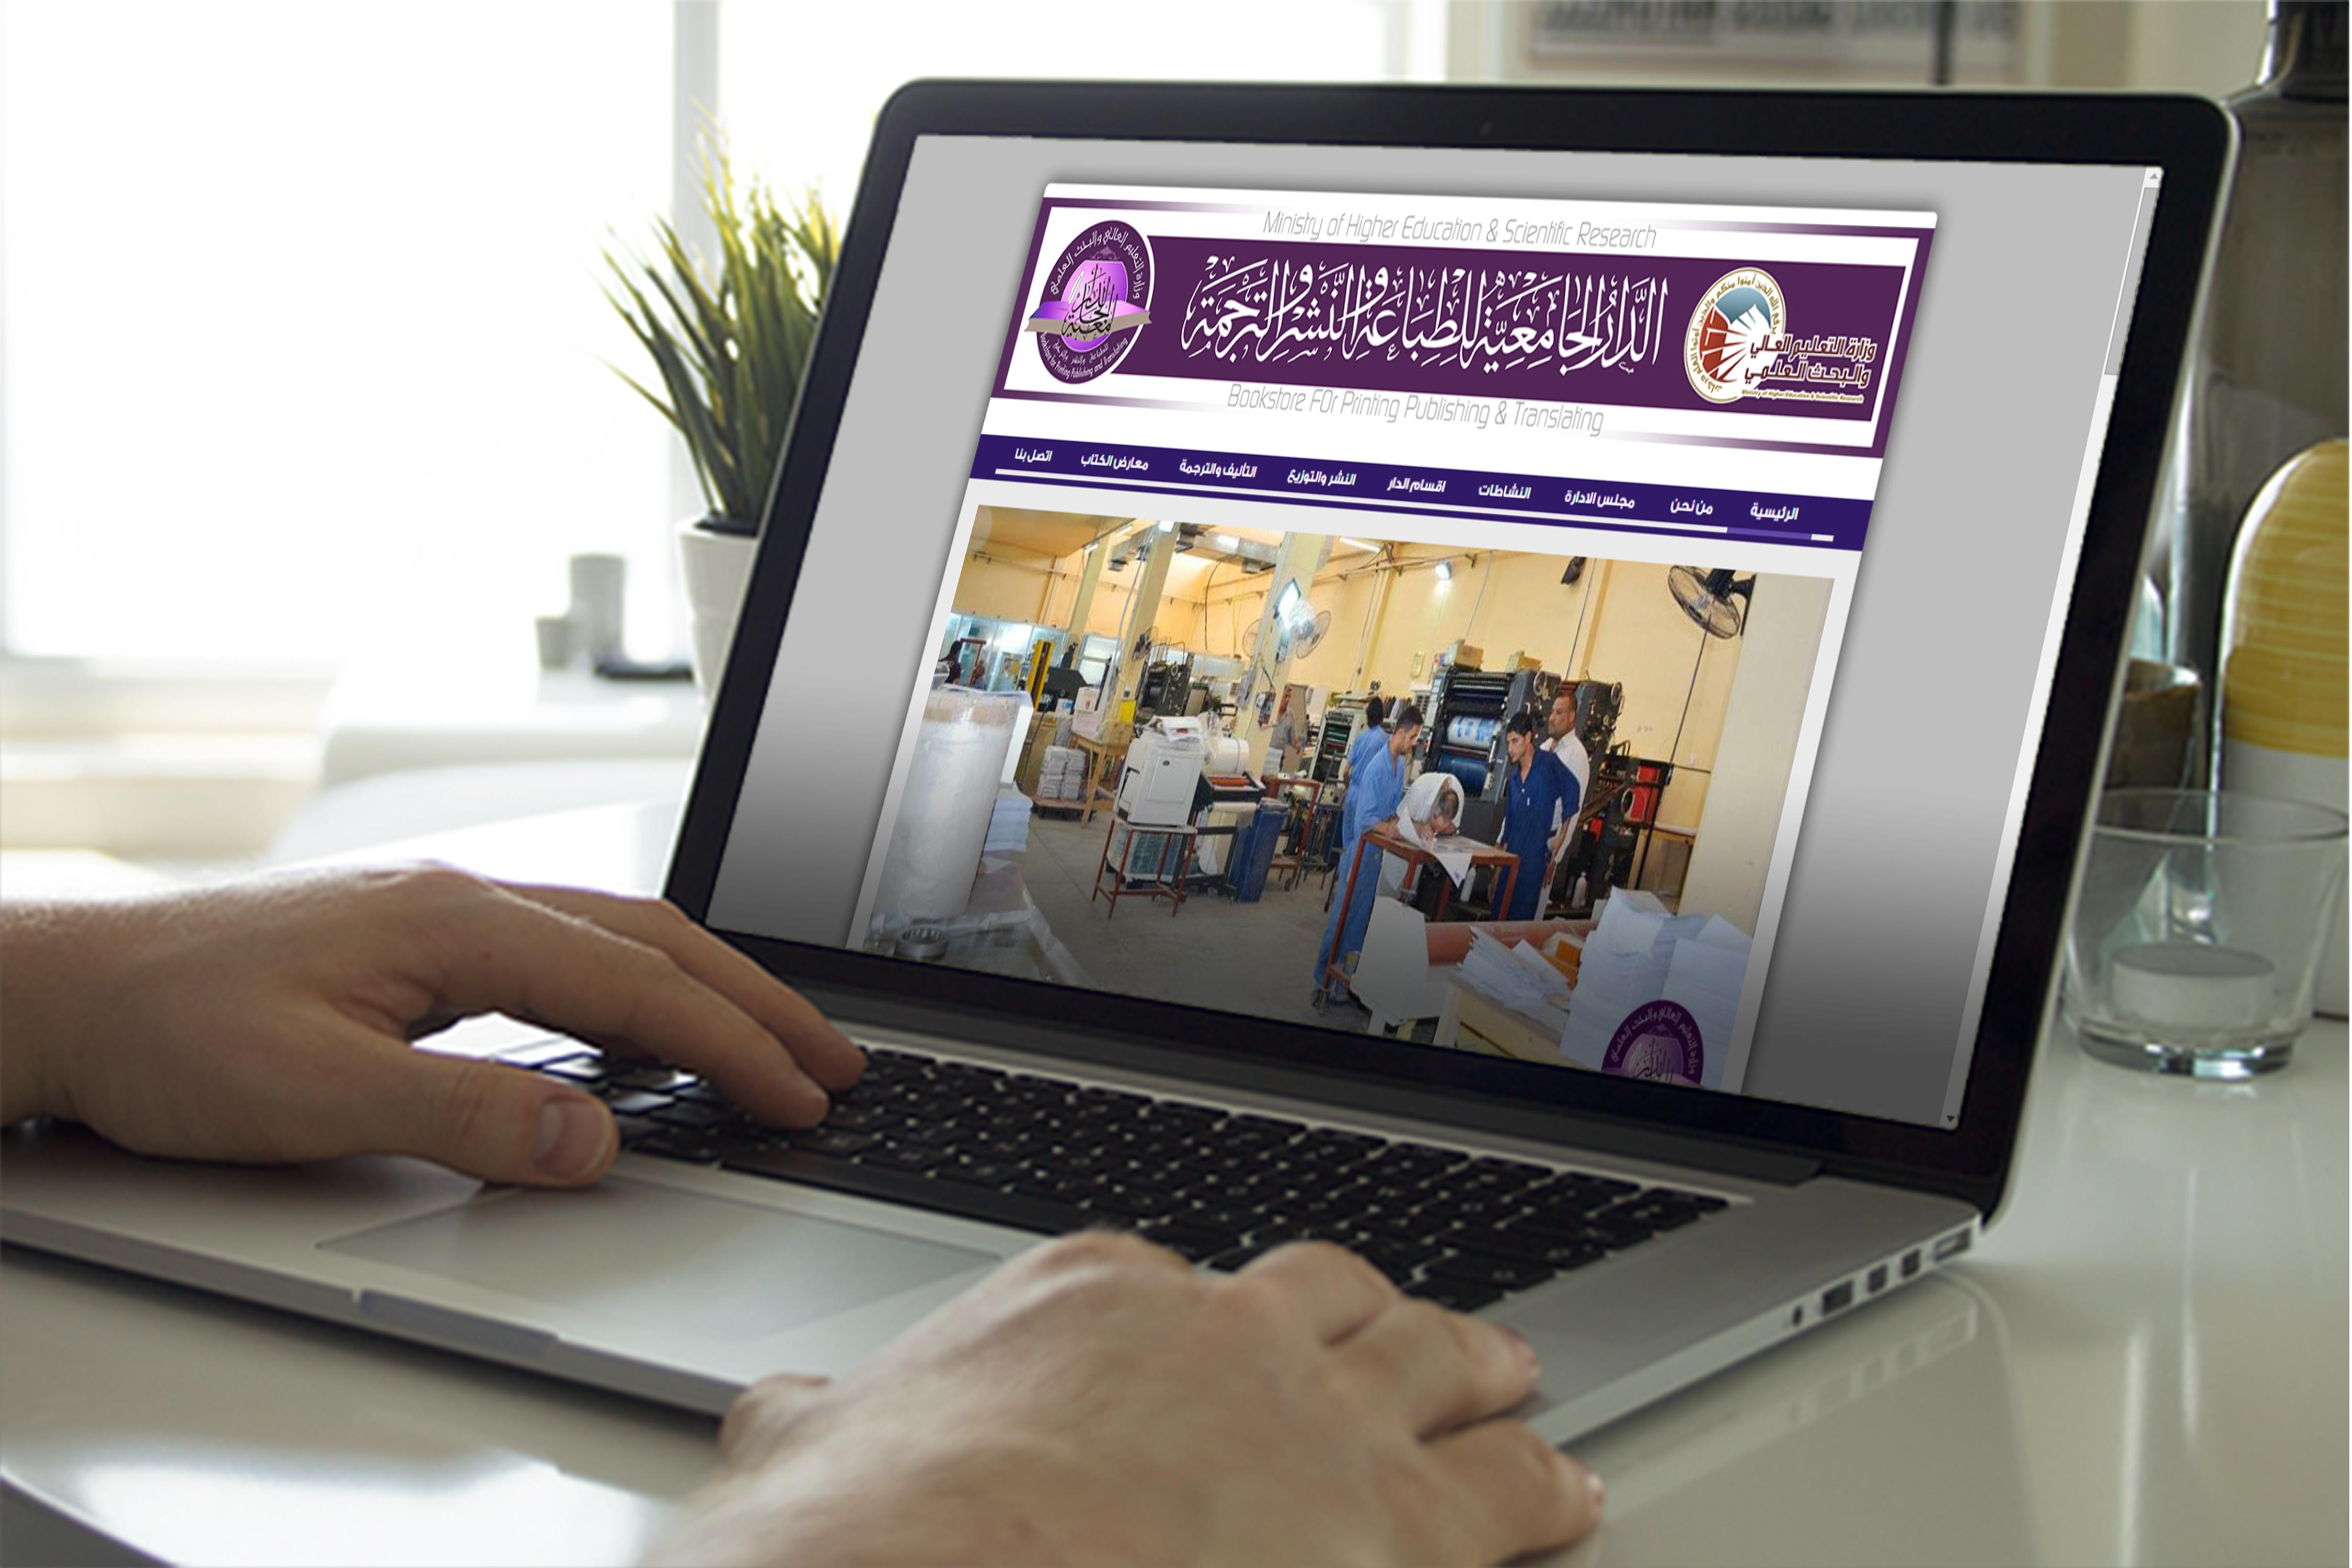 تصميم وبرمجة موقع الدار الجامعية للطباعة والترجمة والنشر – جامعة بغداد